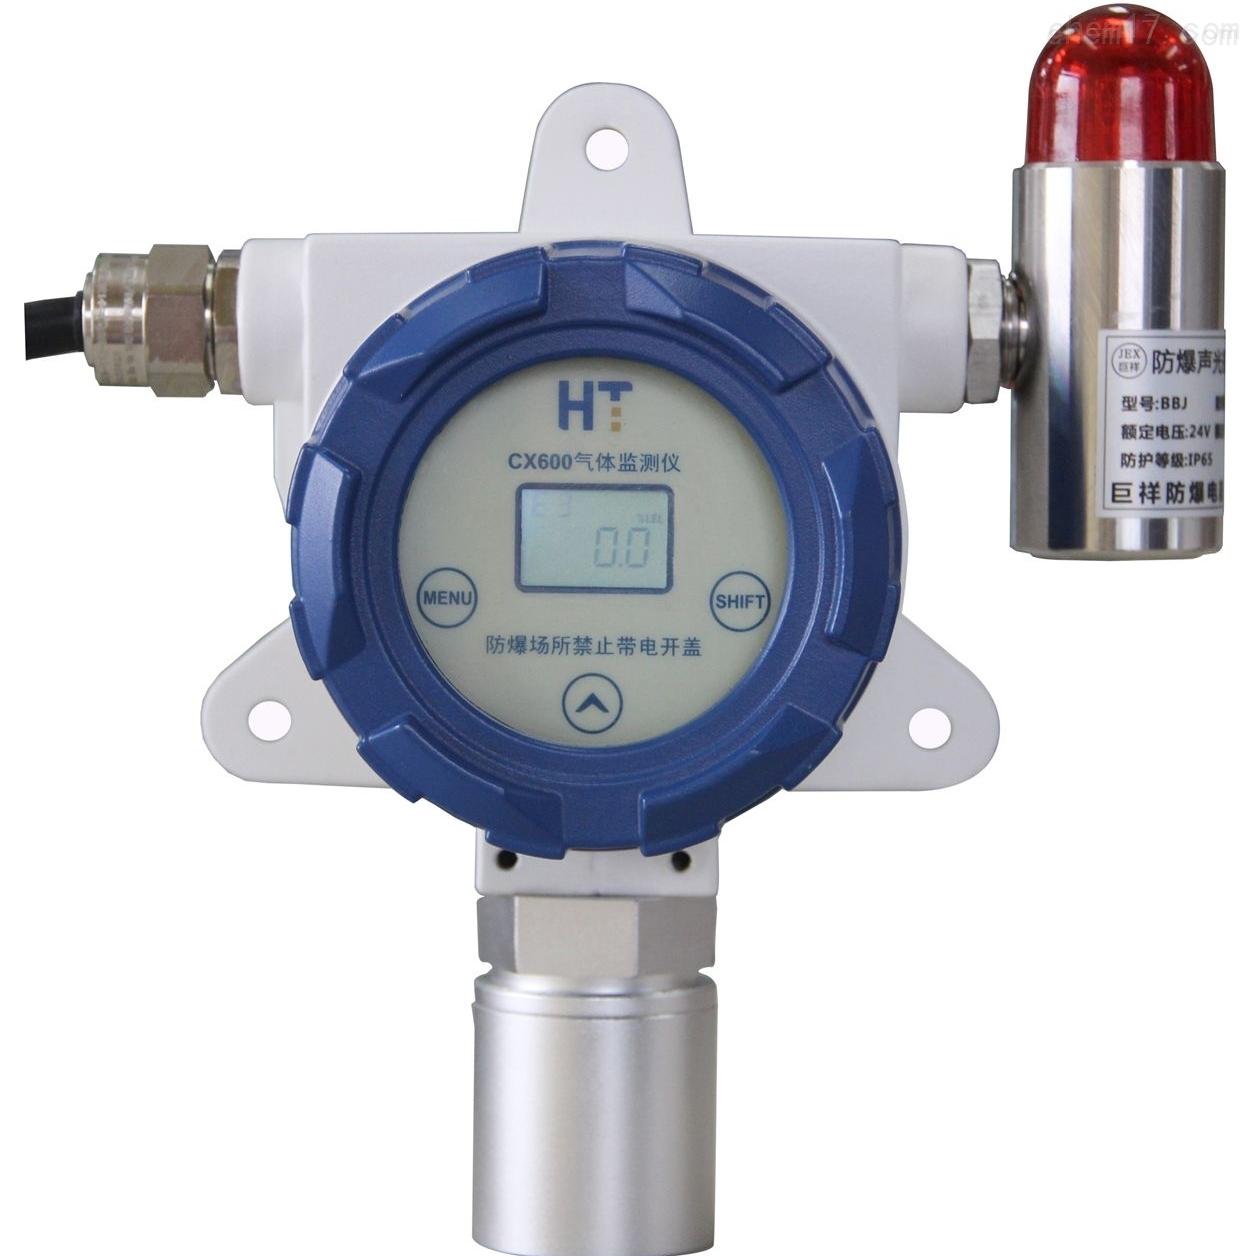 CX600加油站可燃气体报警器